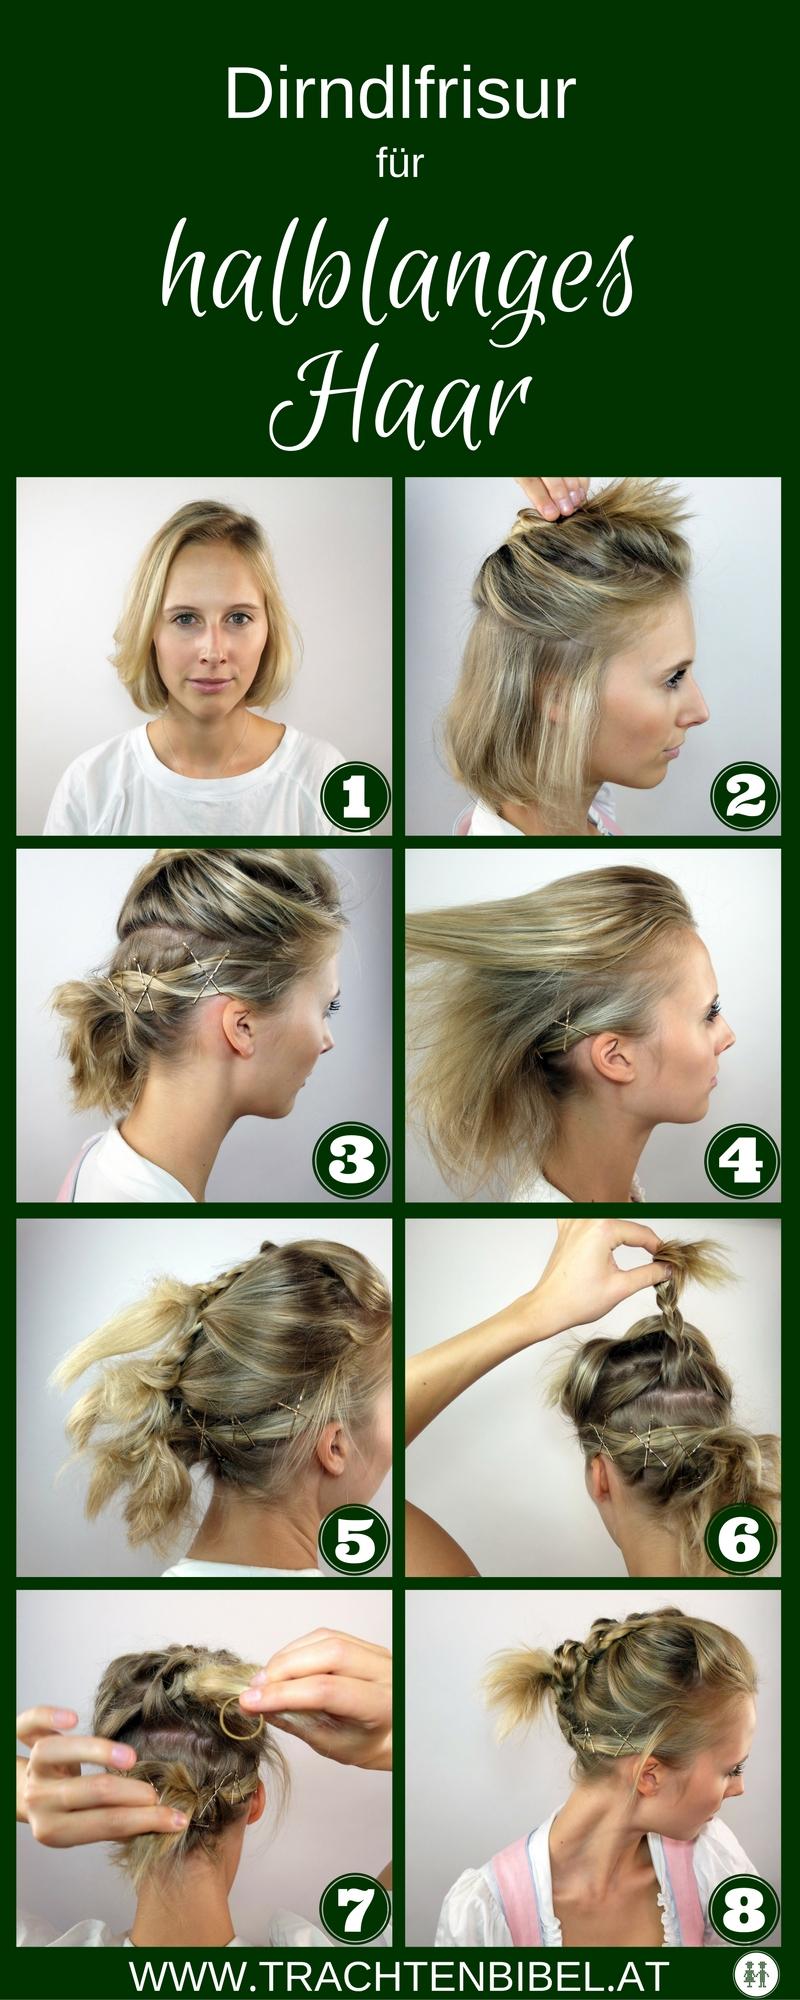 Schritt für Schritt Anleitung: Dirndlfrisur für halblanges Haar